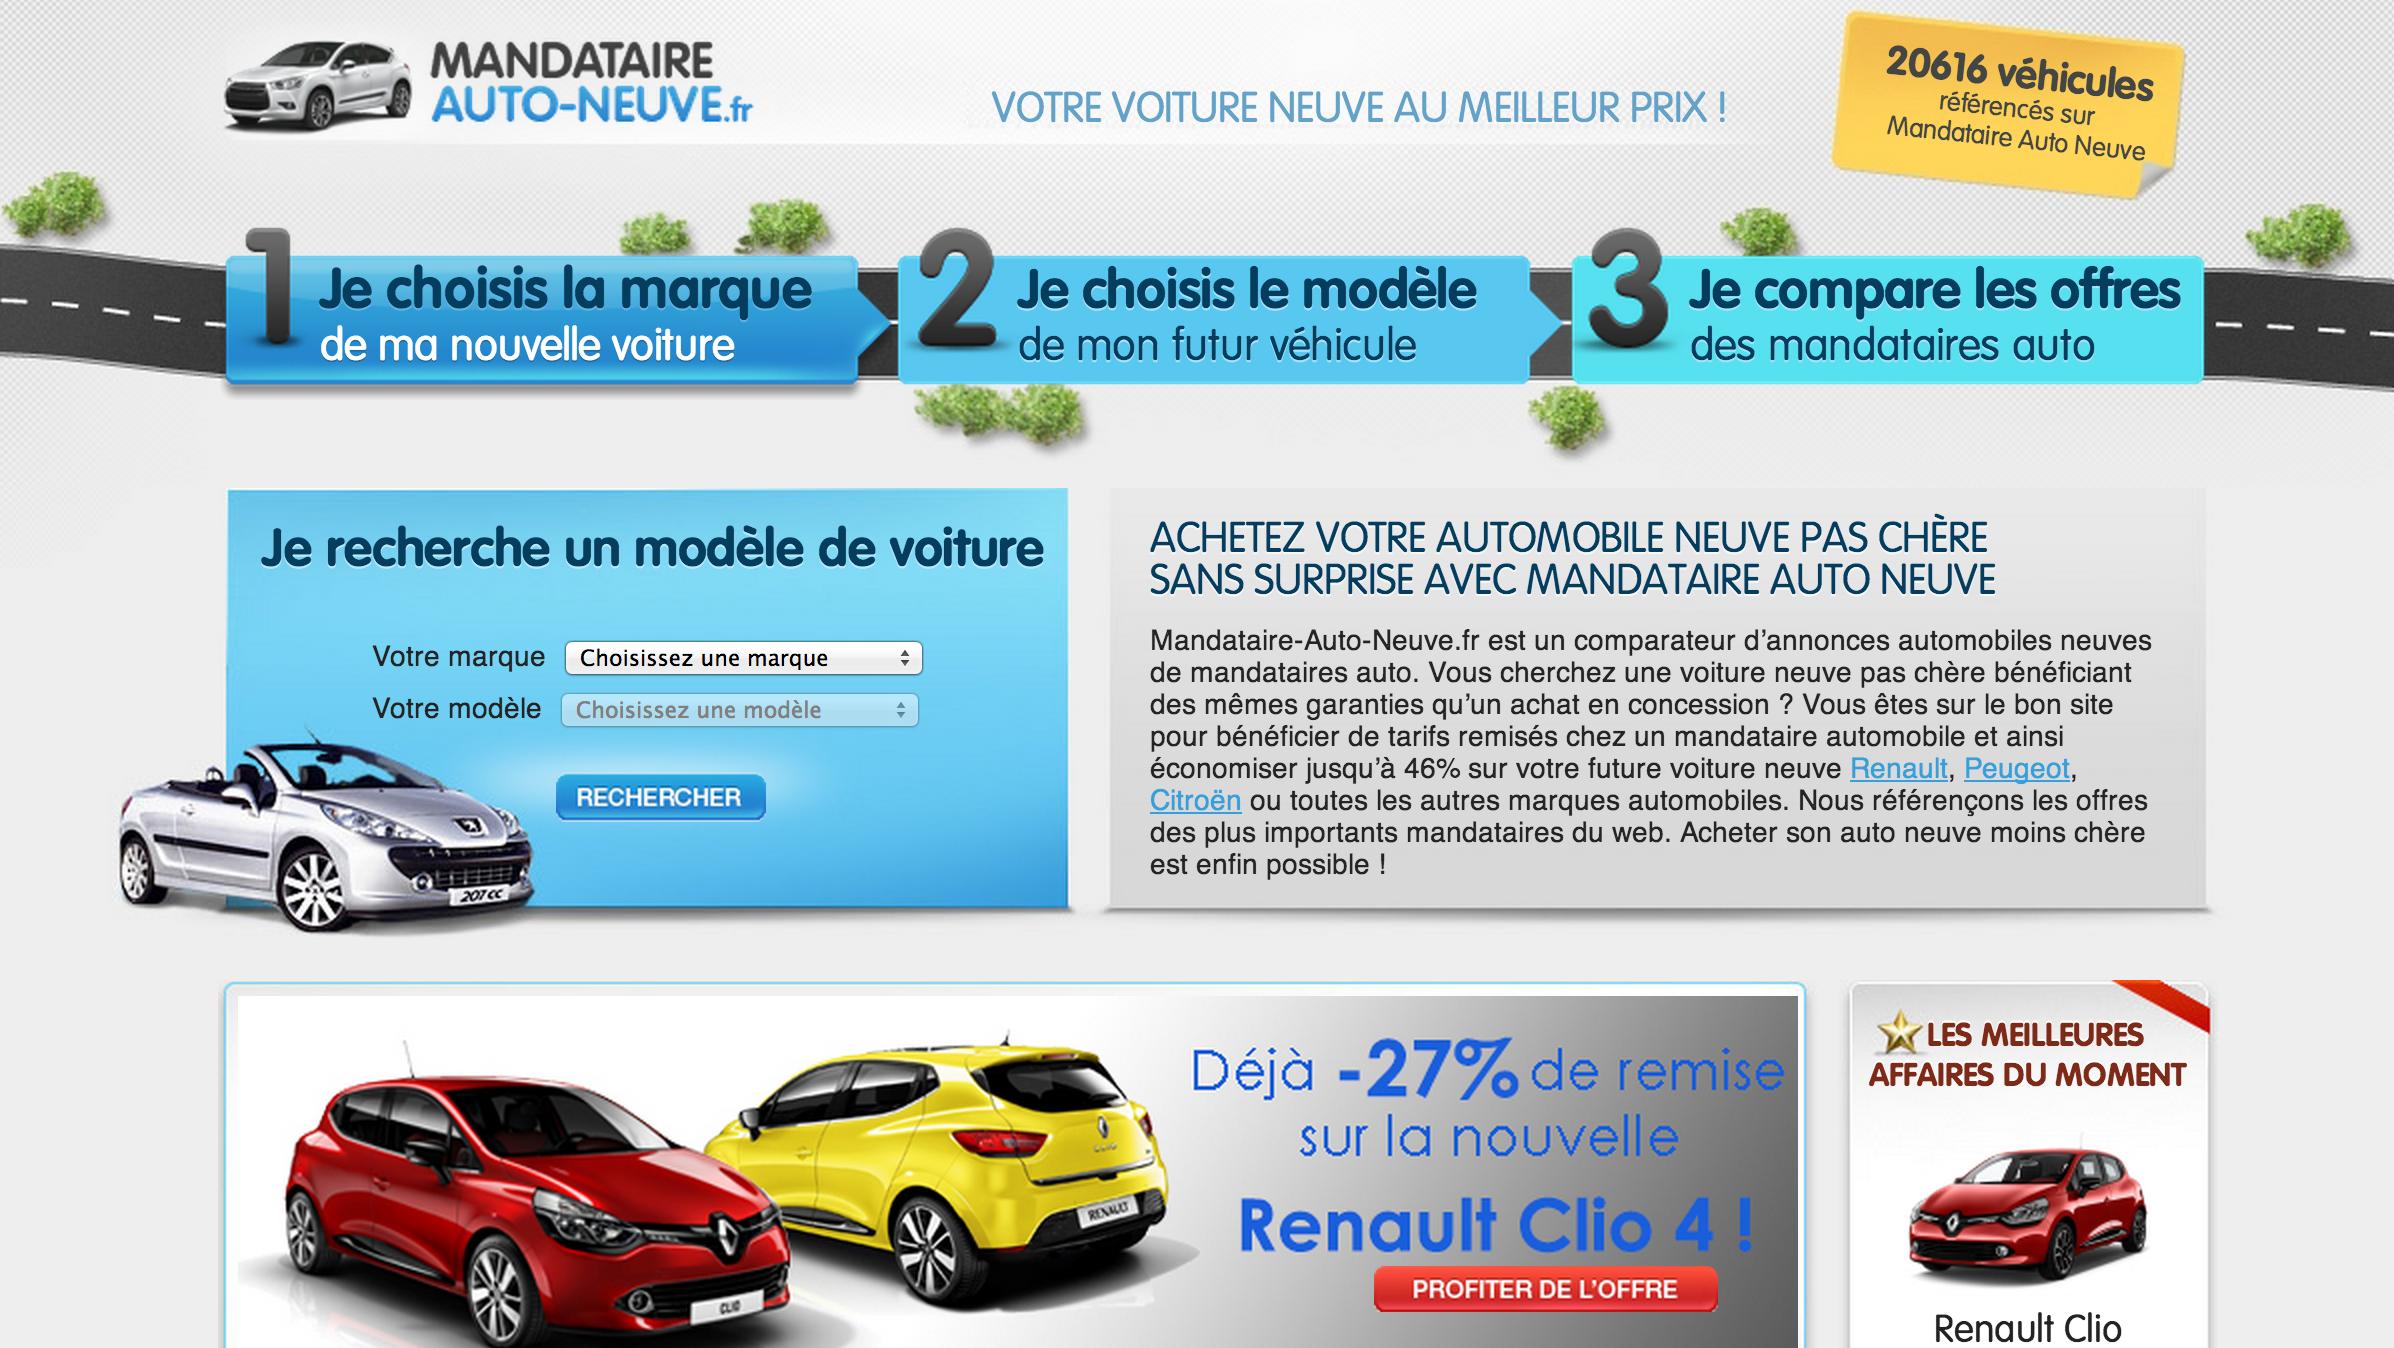 Acheter sa voiture sur Internet : une banalité ?